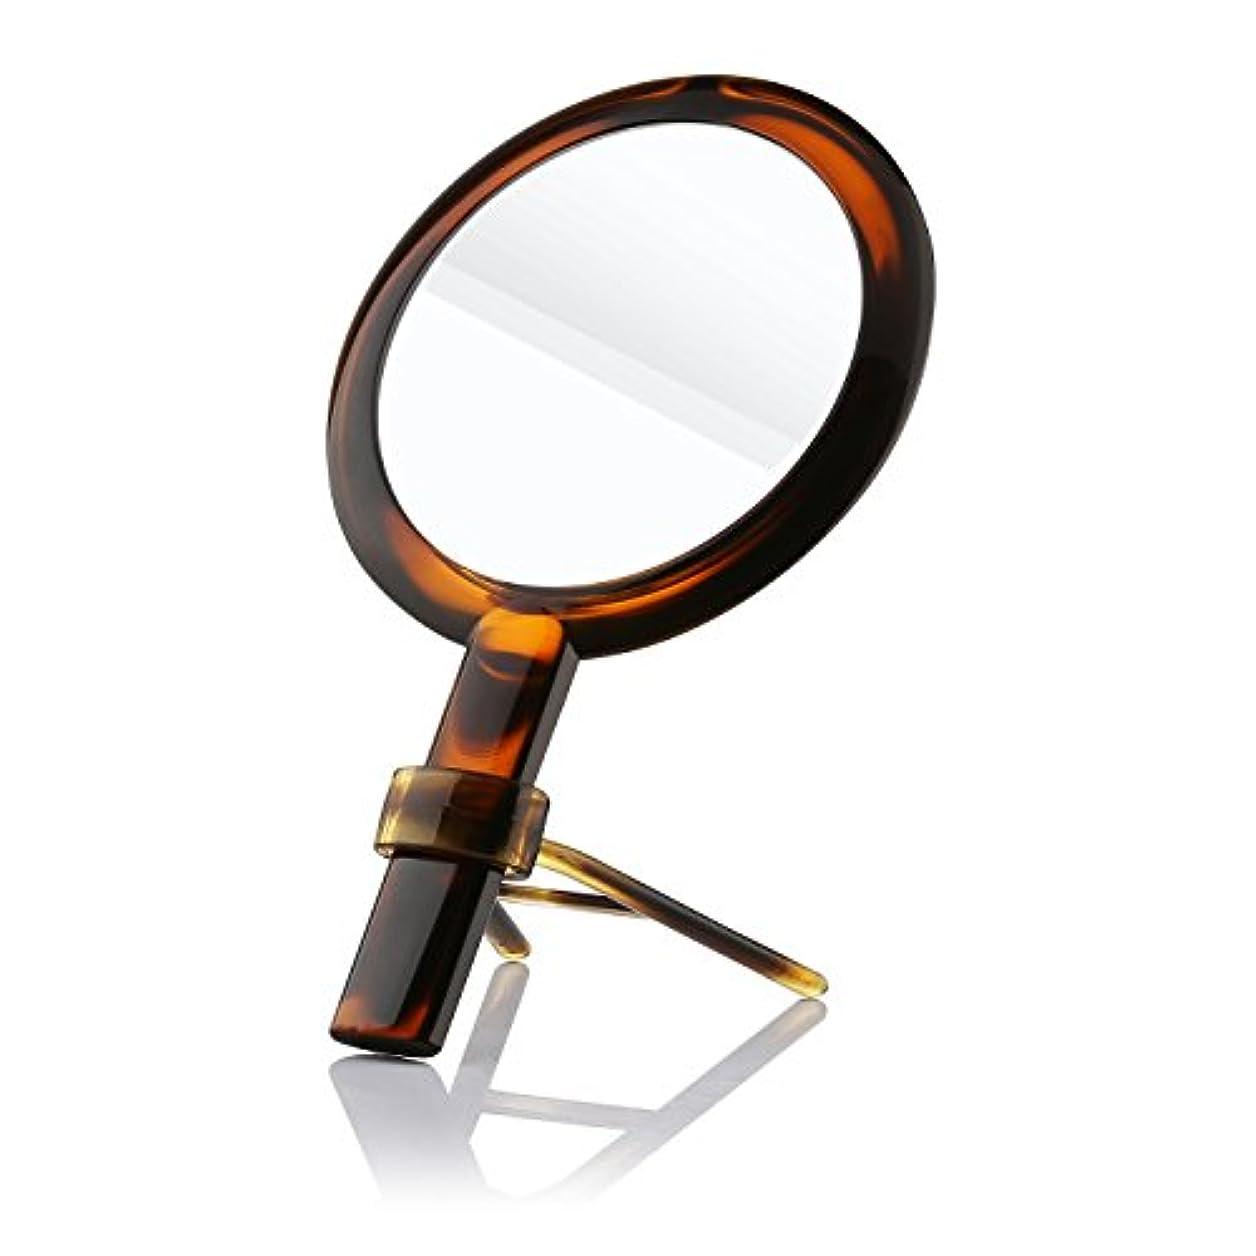 ボトル指紋わずらわしい化粧ミラー Beautifive 化粧鏡 メイクミラー 等倍卓上両面鏡 7倍拡大スタンドミラー 手鏡 光学レズン高解像度